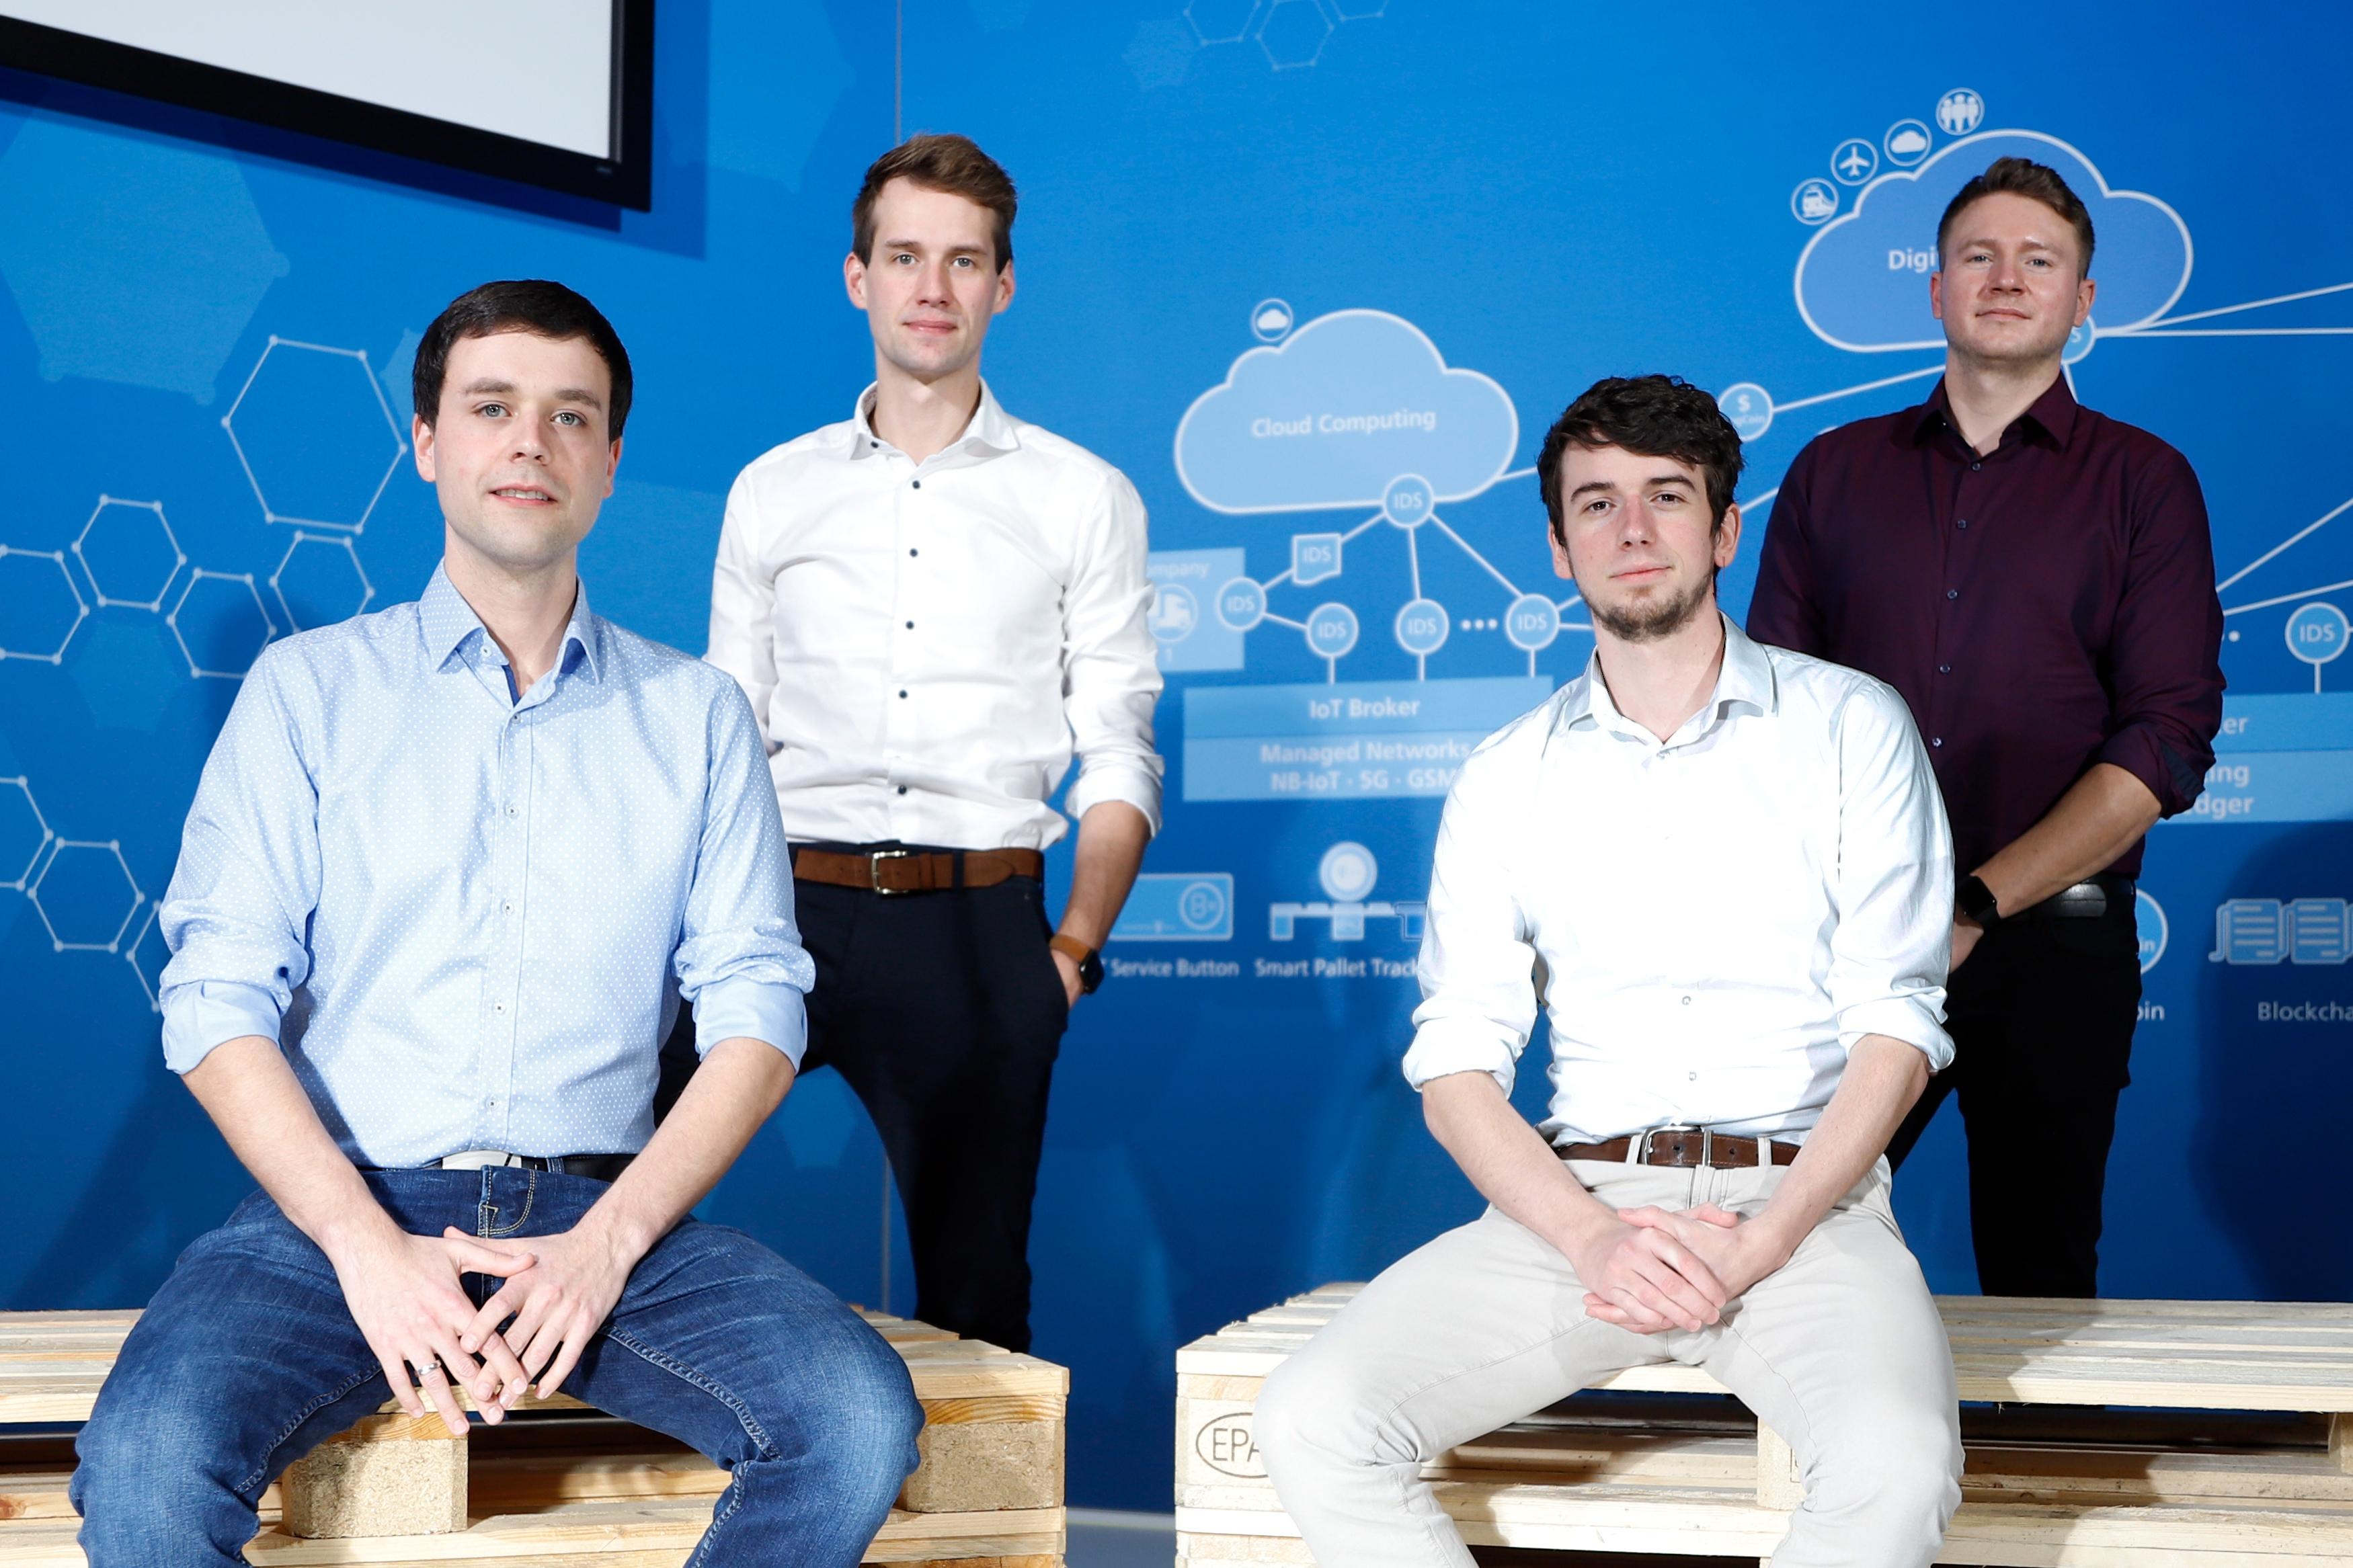 Az alkalmazás és a platform megalkotói, balról: Jan Möller, Philipp Wrycza, Patrik Elfert és Michael Koscharnyj